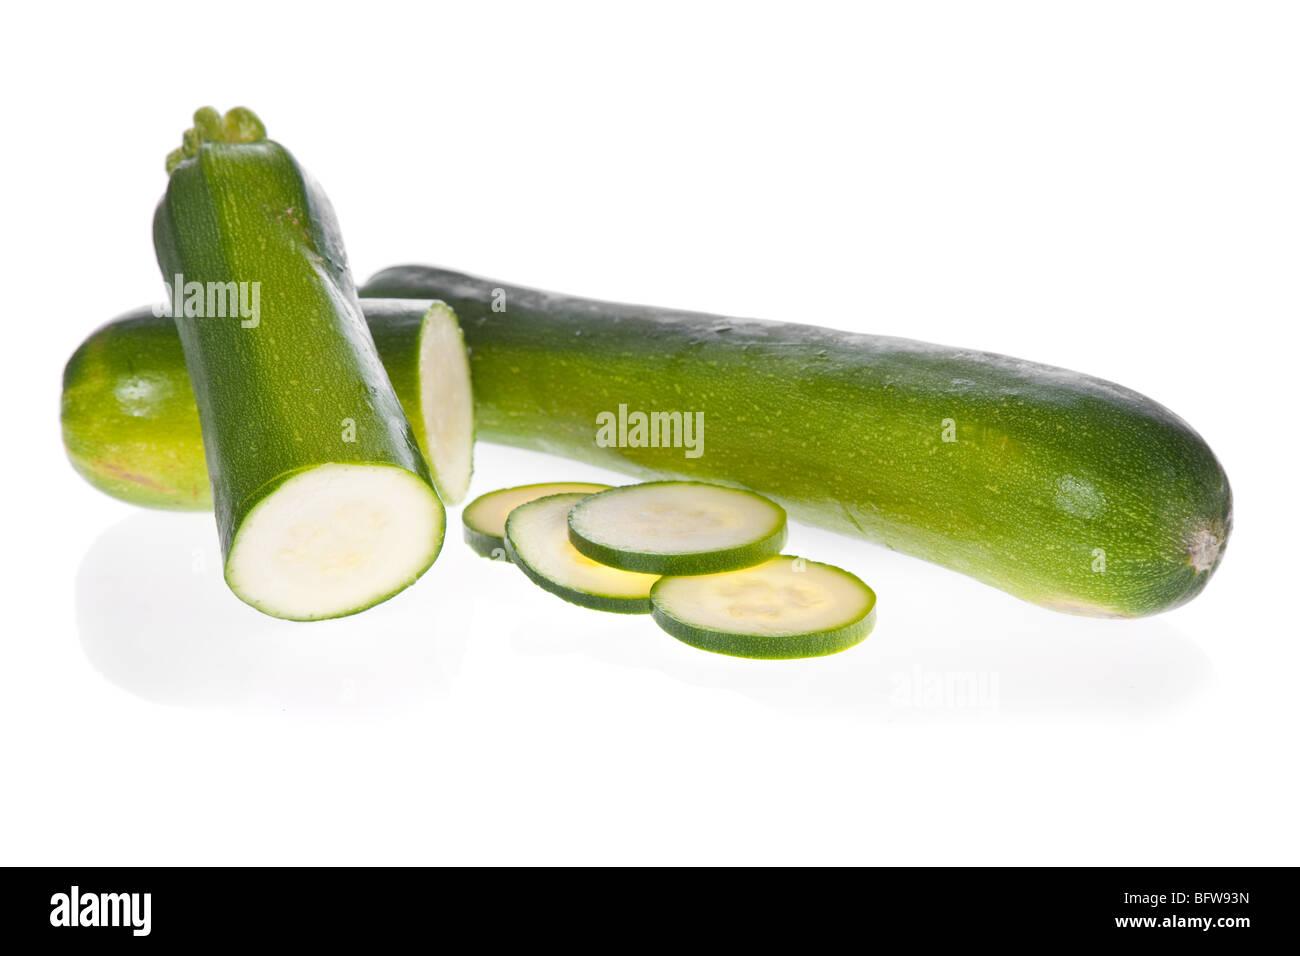 Le fette di zucchine zucchine o isolati su sfondo bianco Immagini Stock